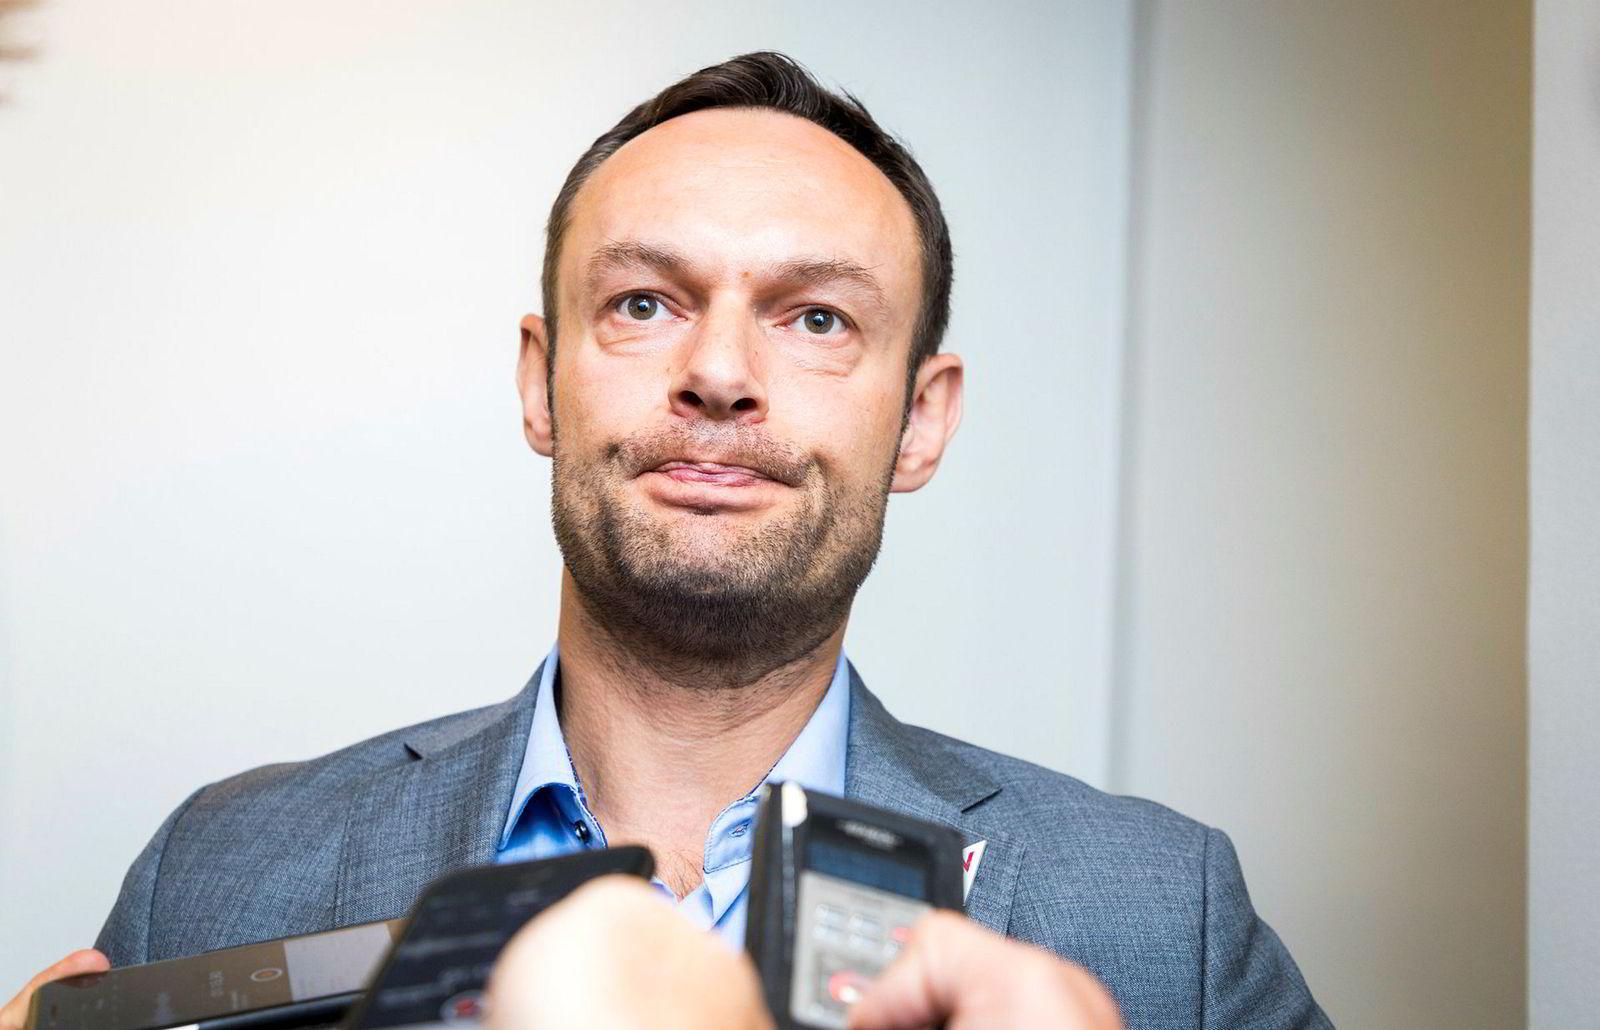 SV-representant Torgeir Knag Fylkesnes ser alvorlig på saken.